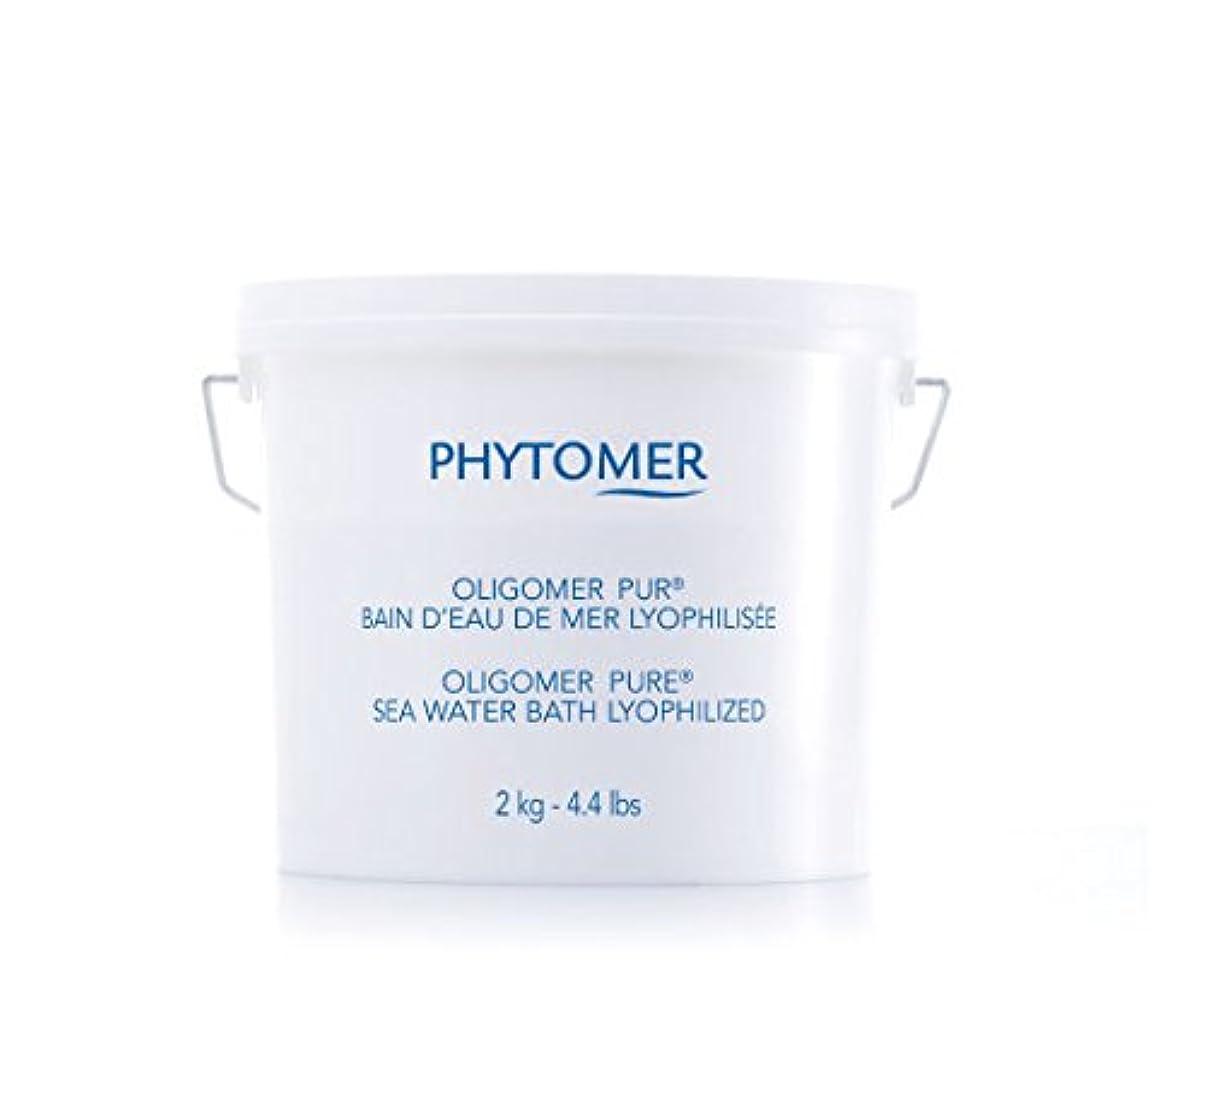 インチロゴ侵入するPHYTOMER(フィトメール) オリゴメール ピュア 2kg